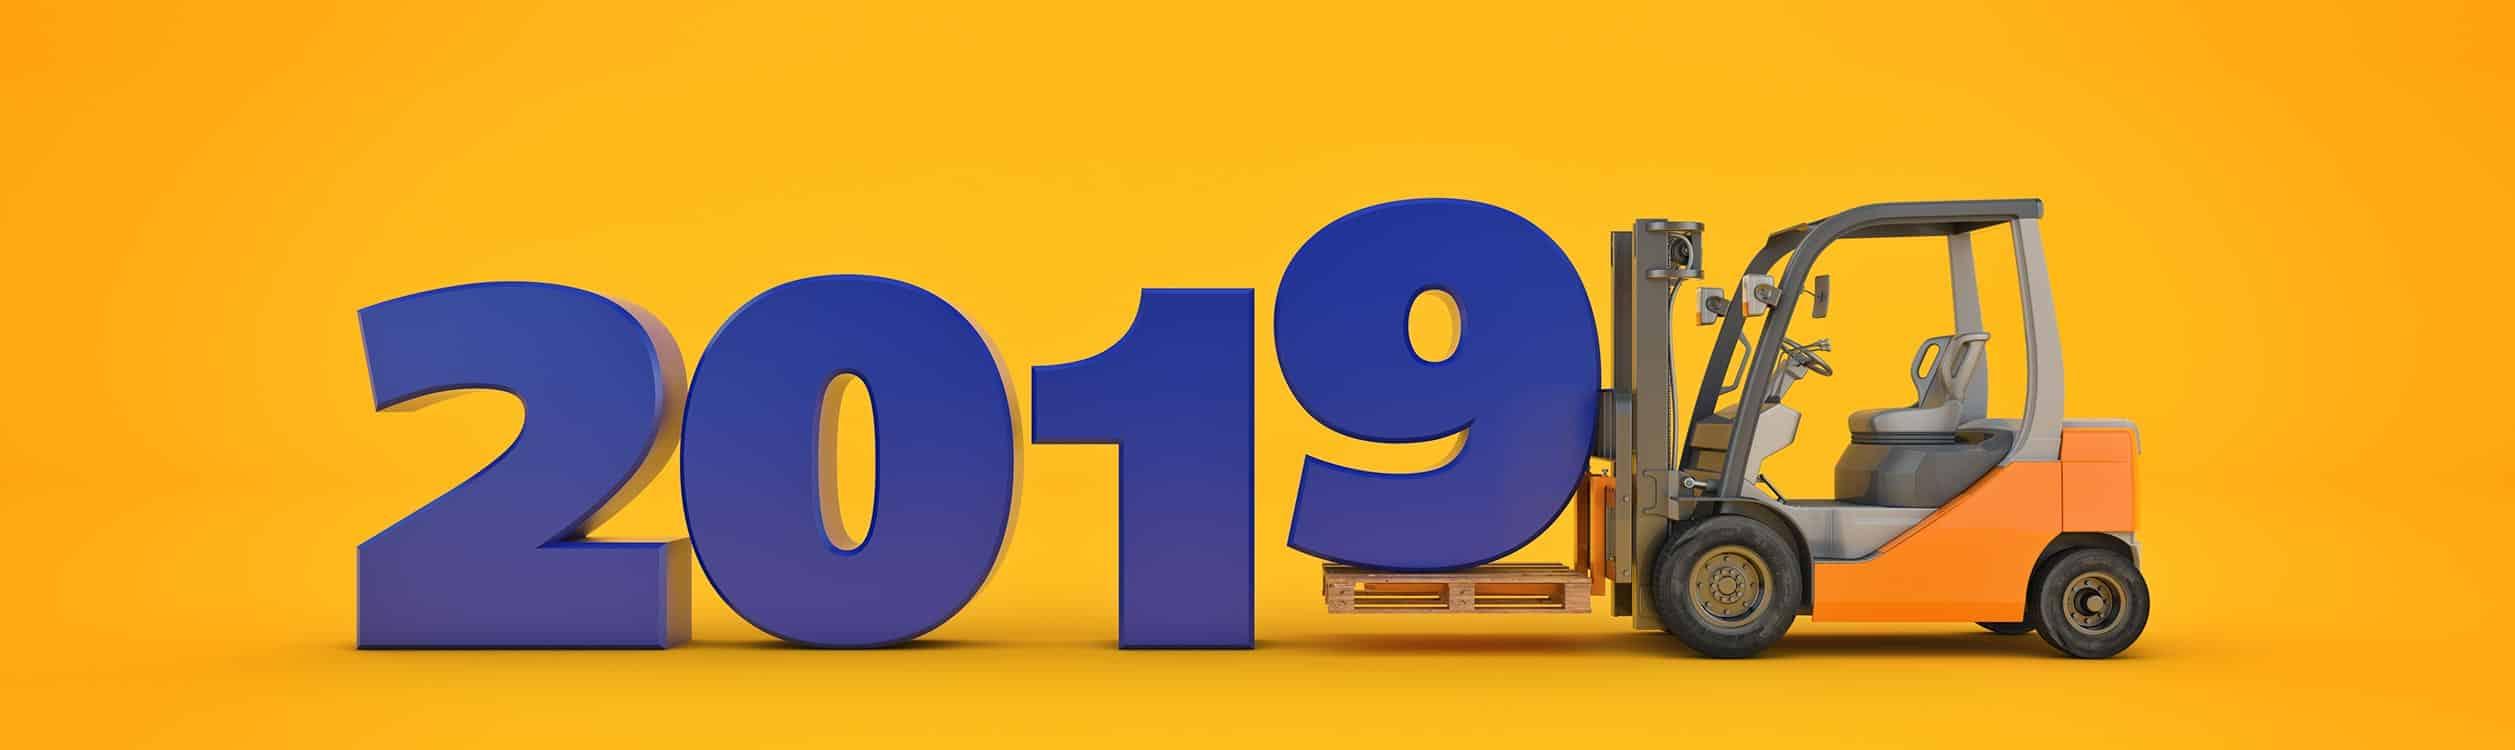 Saloodo! Bild vom Gabelstapler der eine Nummer für das Jahr 2019 transportiert